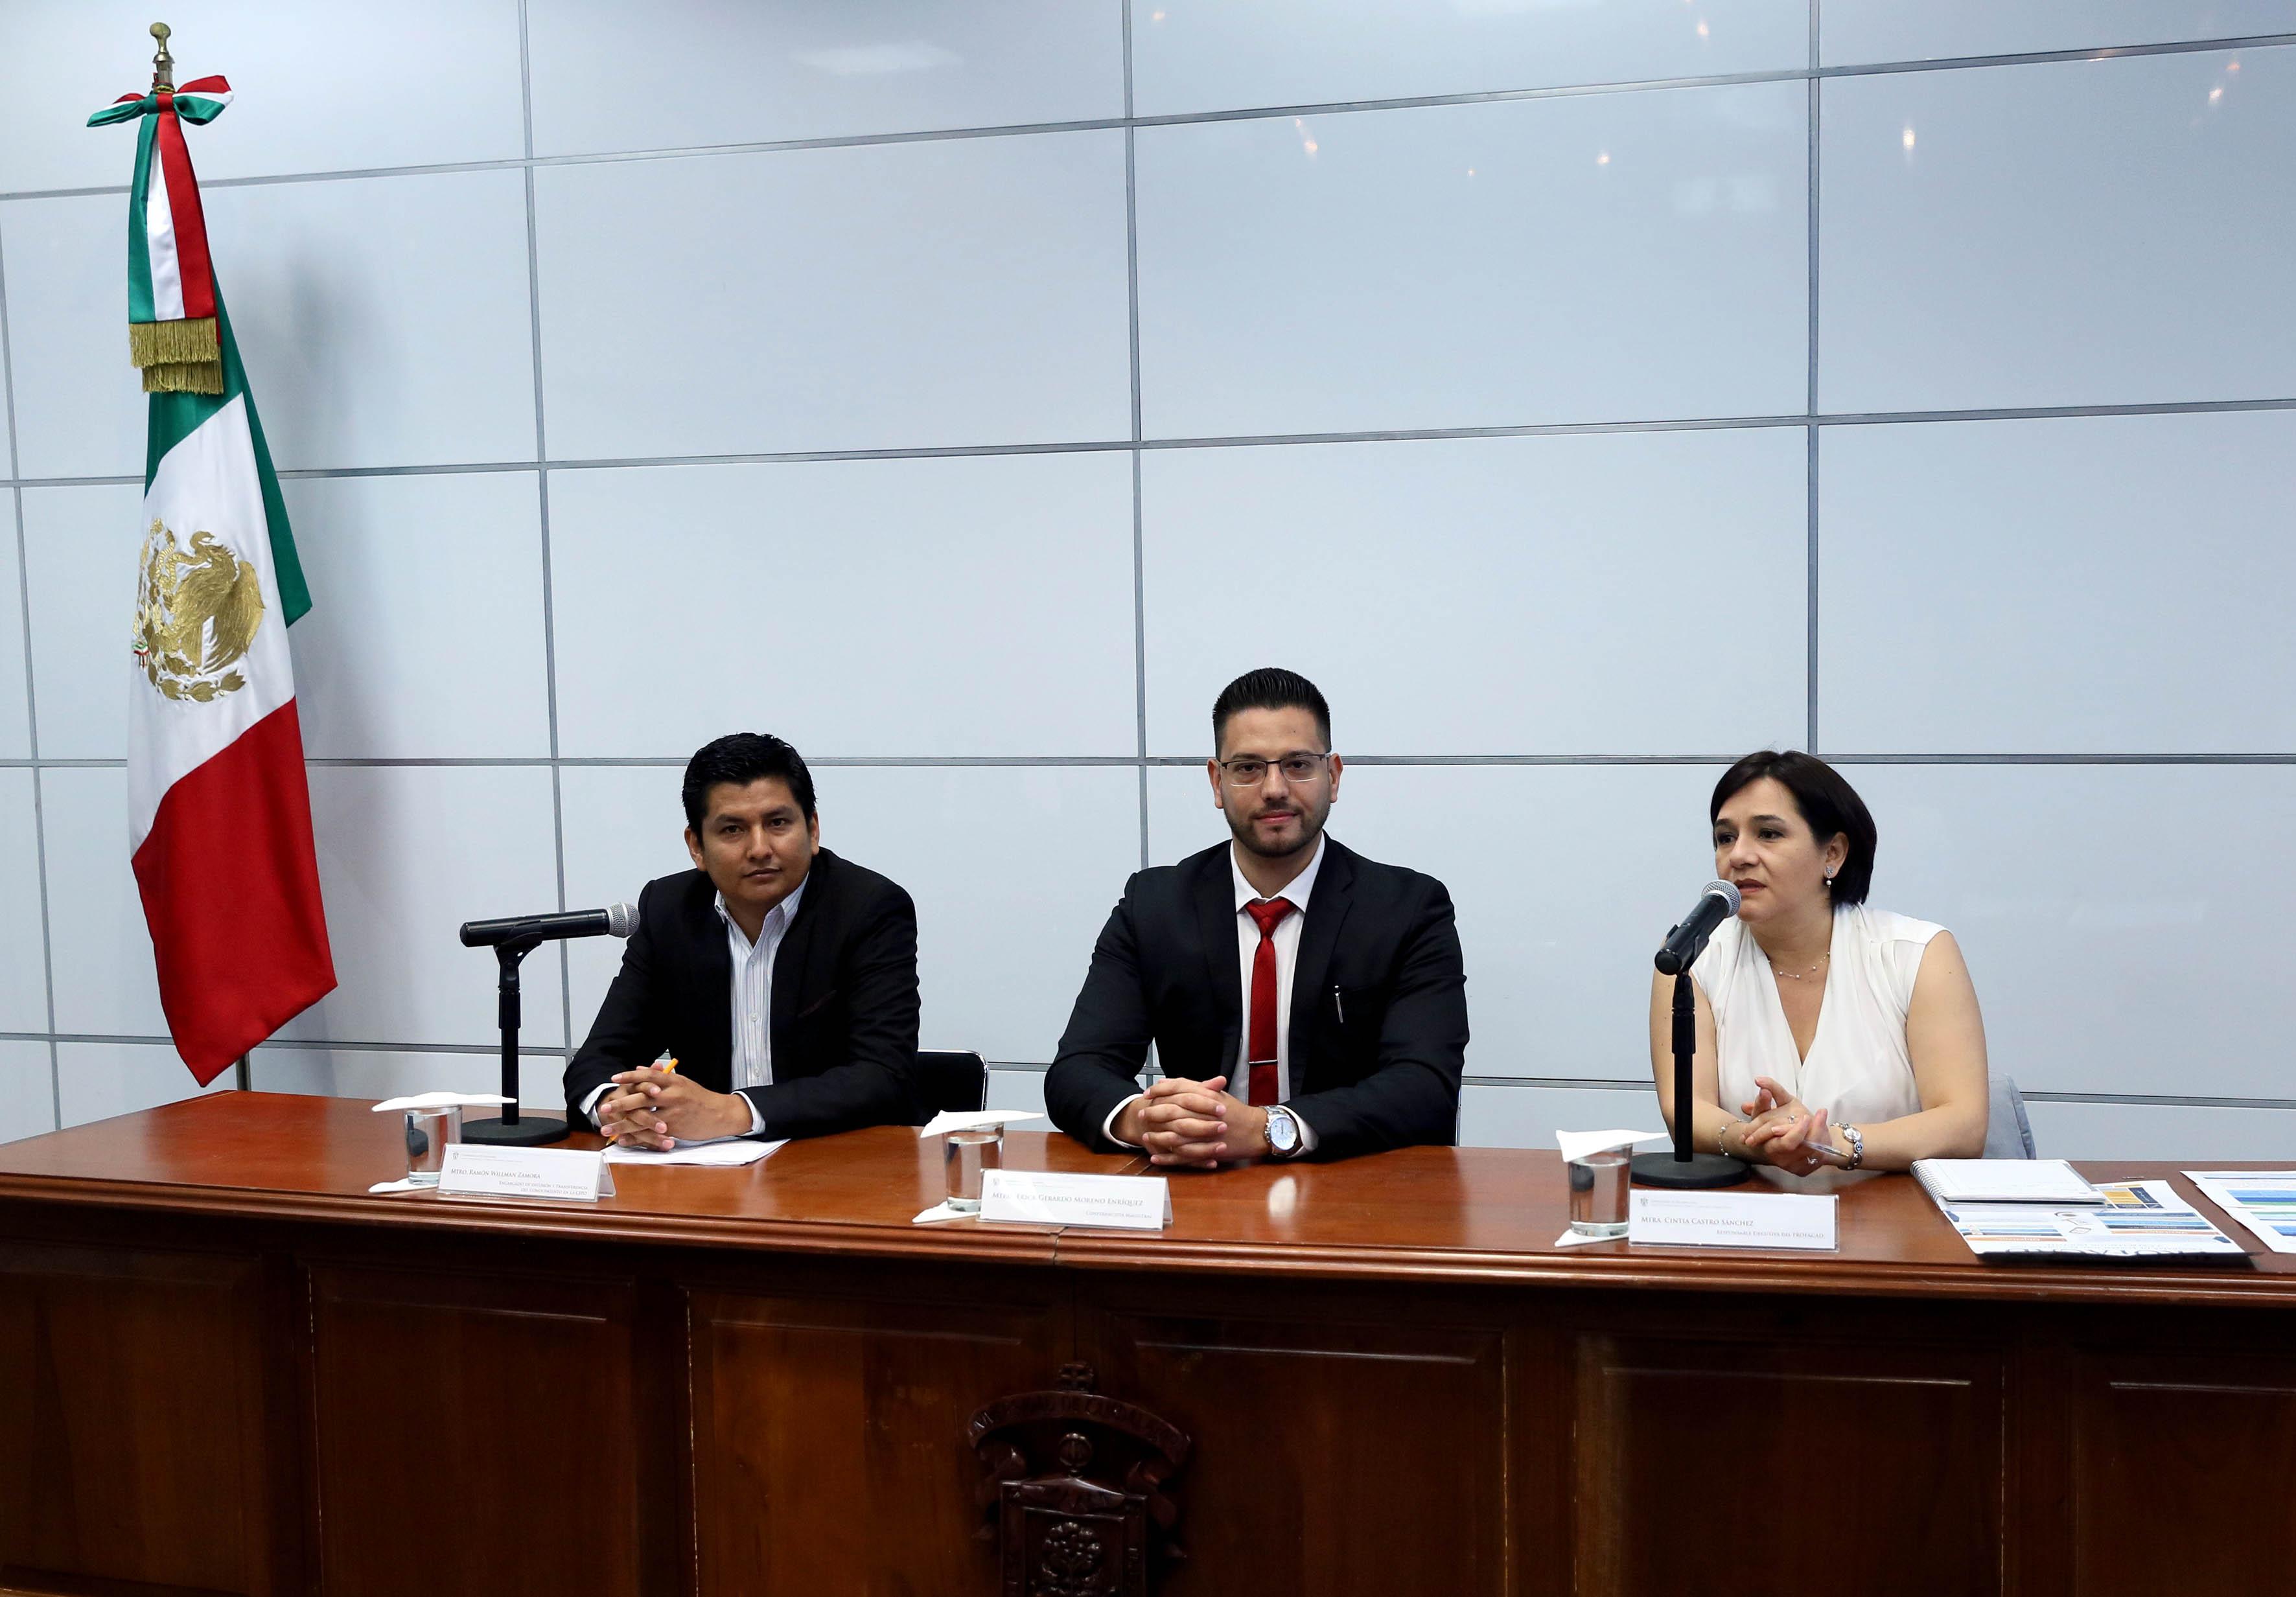 Conferencia de prensa, donde se dió a conocer el Programa de Formación, Actualización y Capacitación Docente.